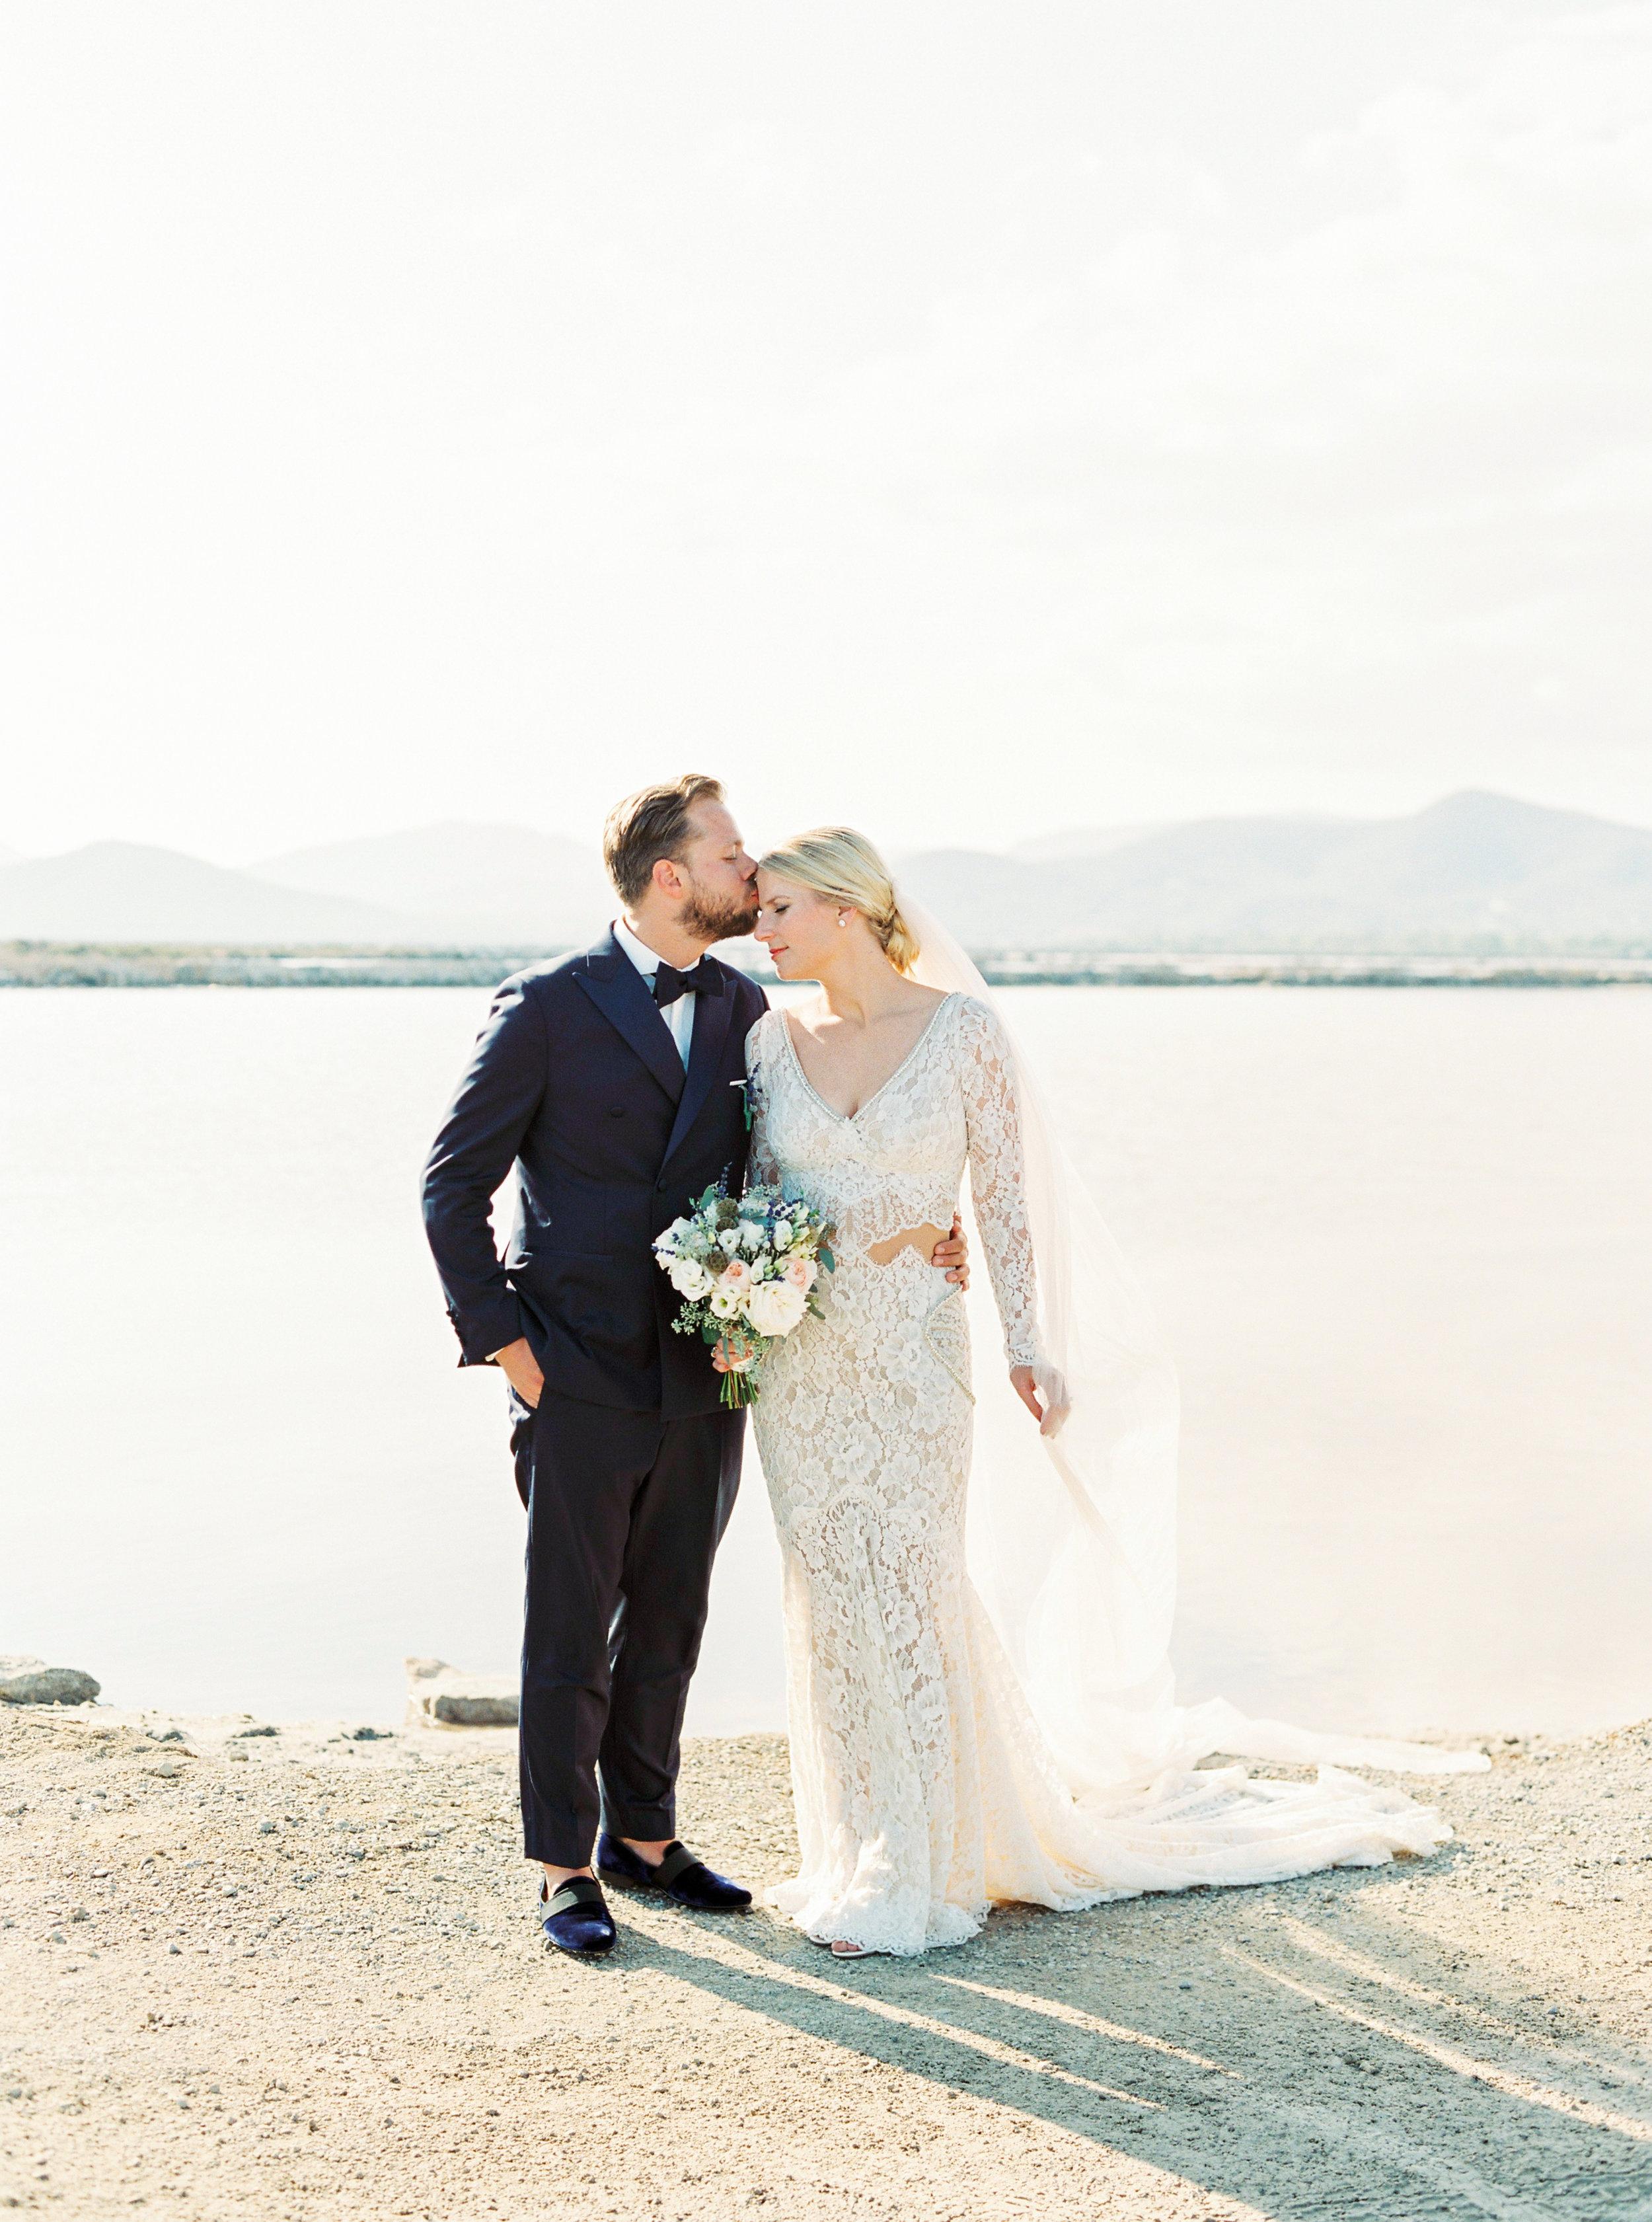 Ibiza Luxury Wedding Stylish Bride and Groom